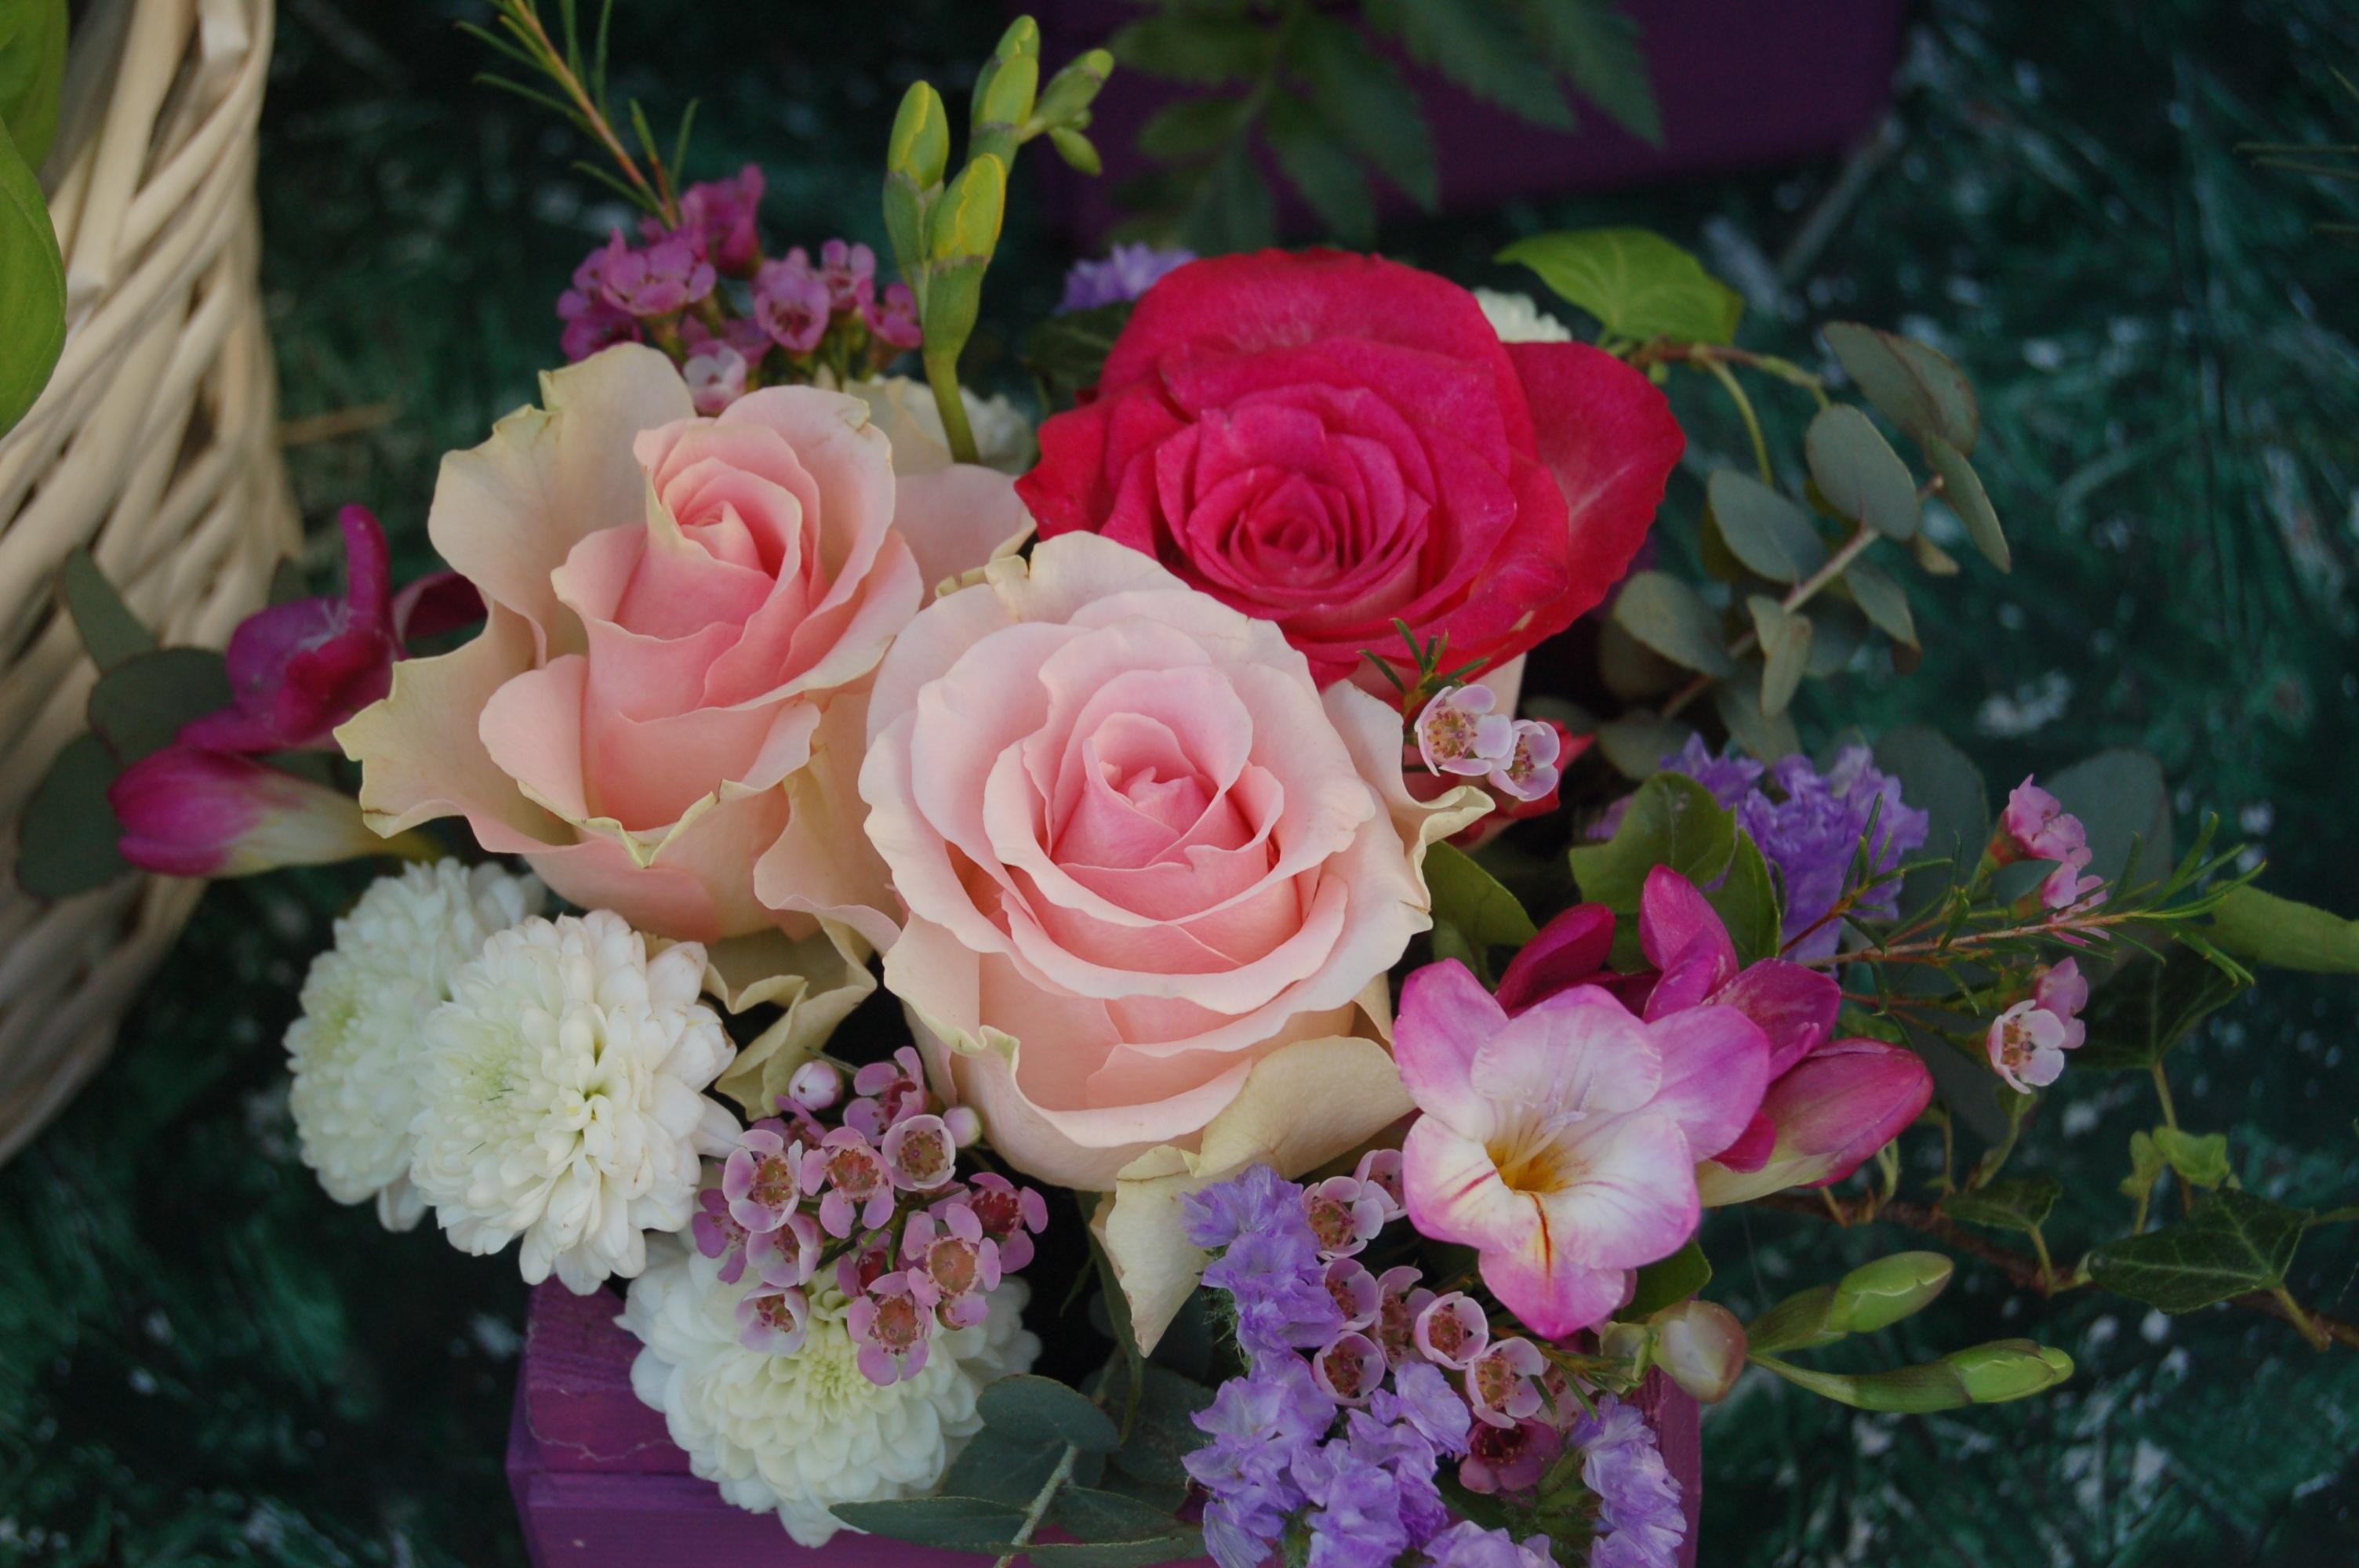 بالصور صور ورد طبيعي , اجمل الورود الطبيعيه باشكالها المختلفه 1054 6